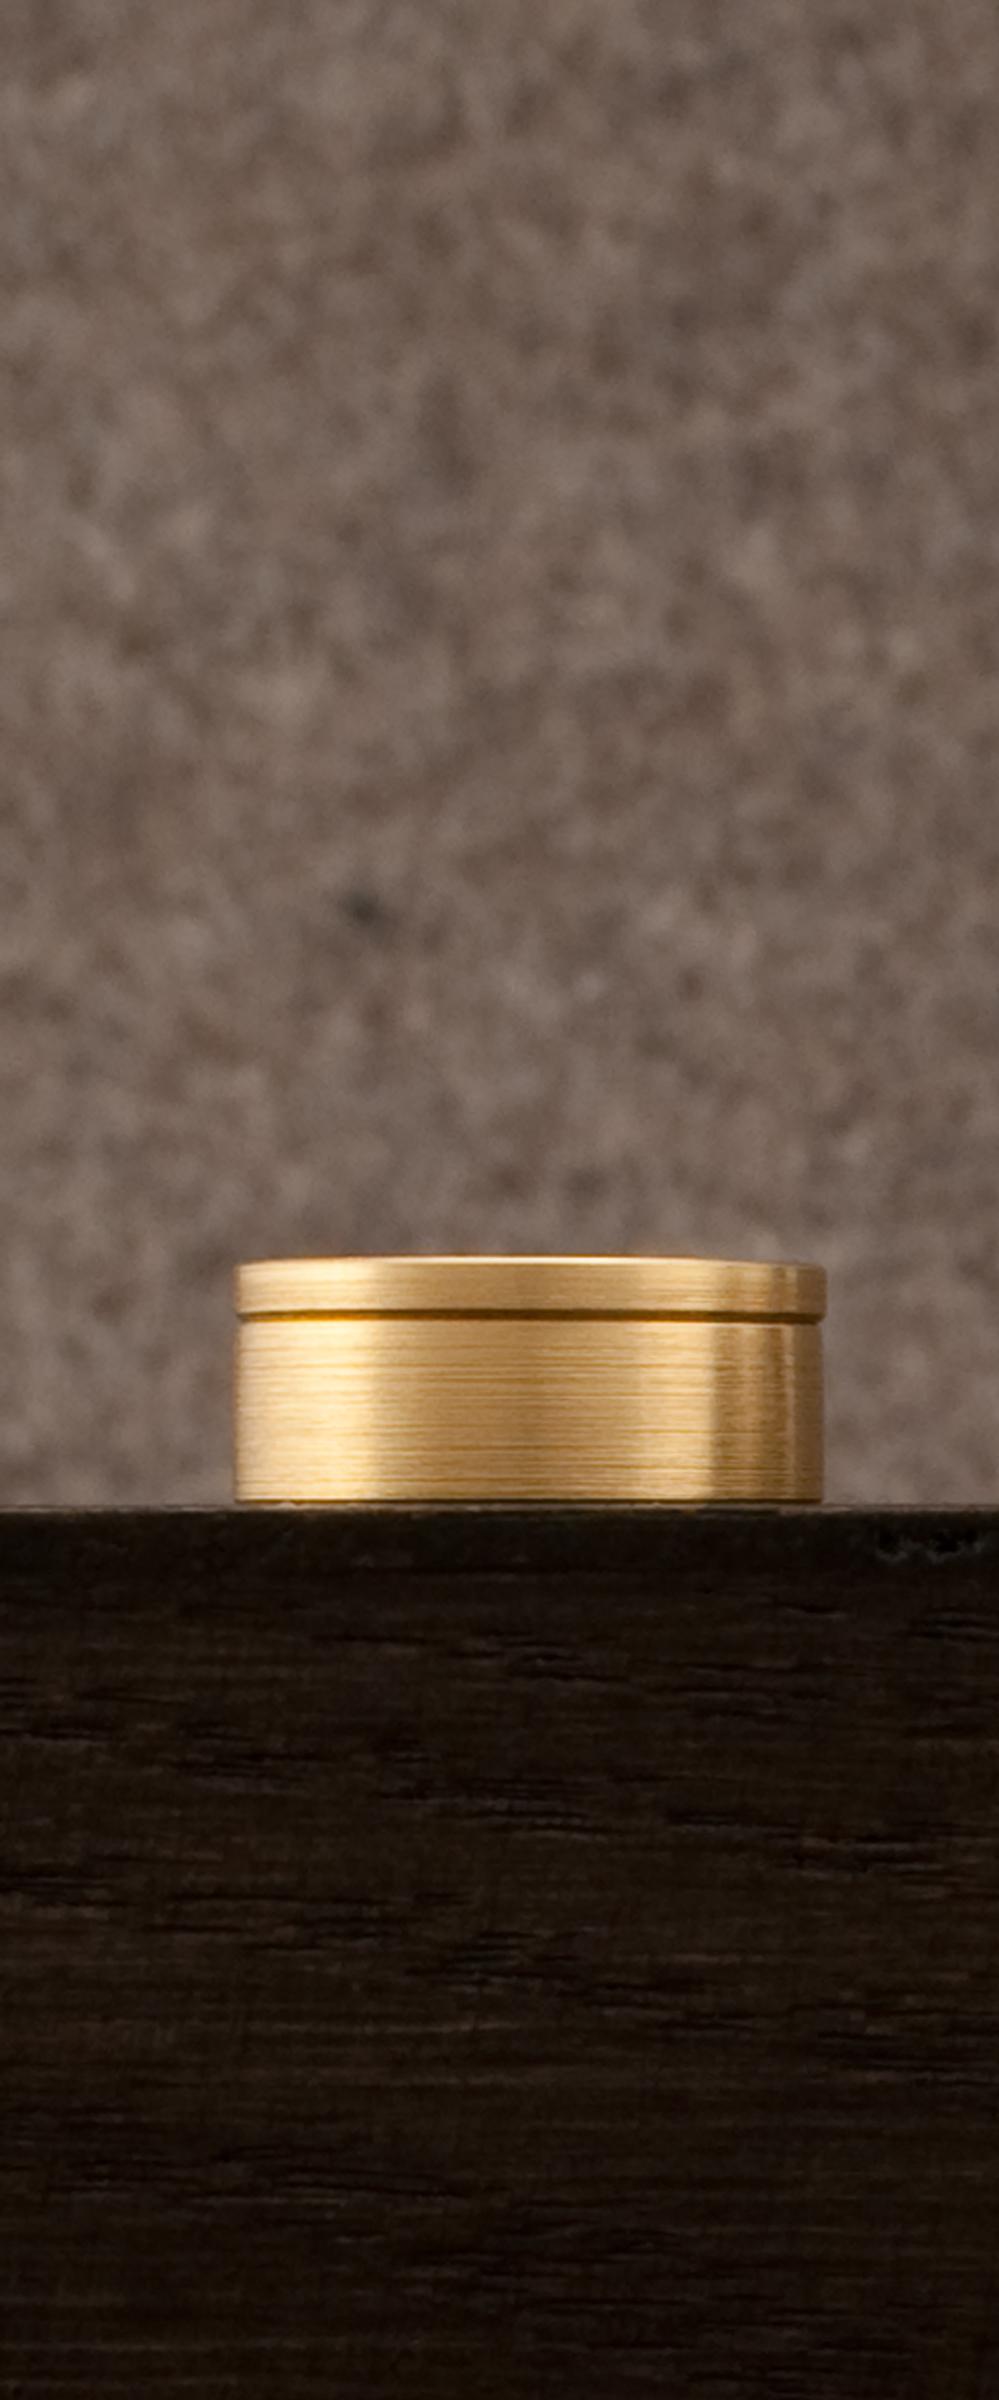 Rings - Web 19.jpg